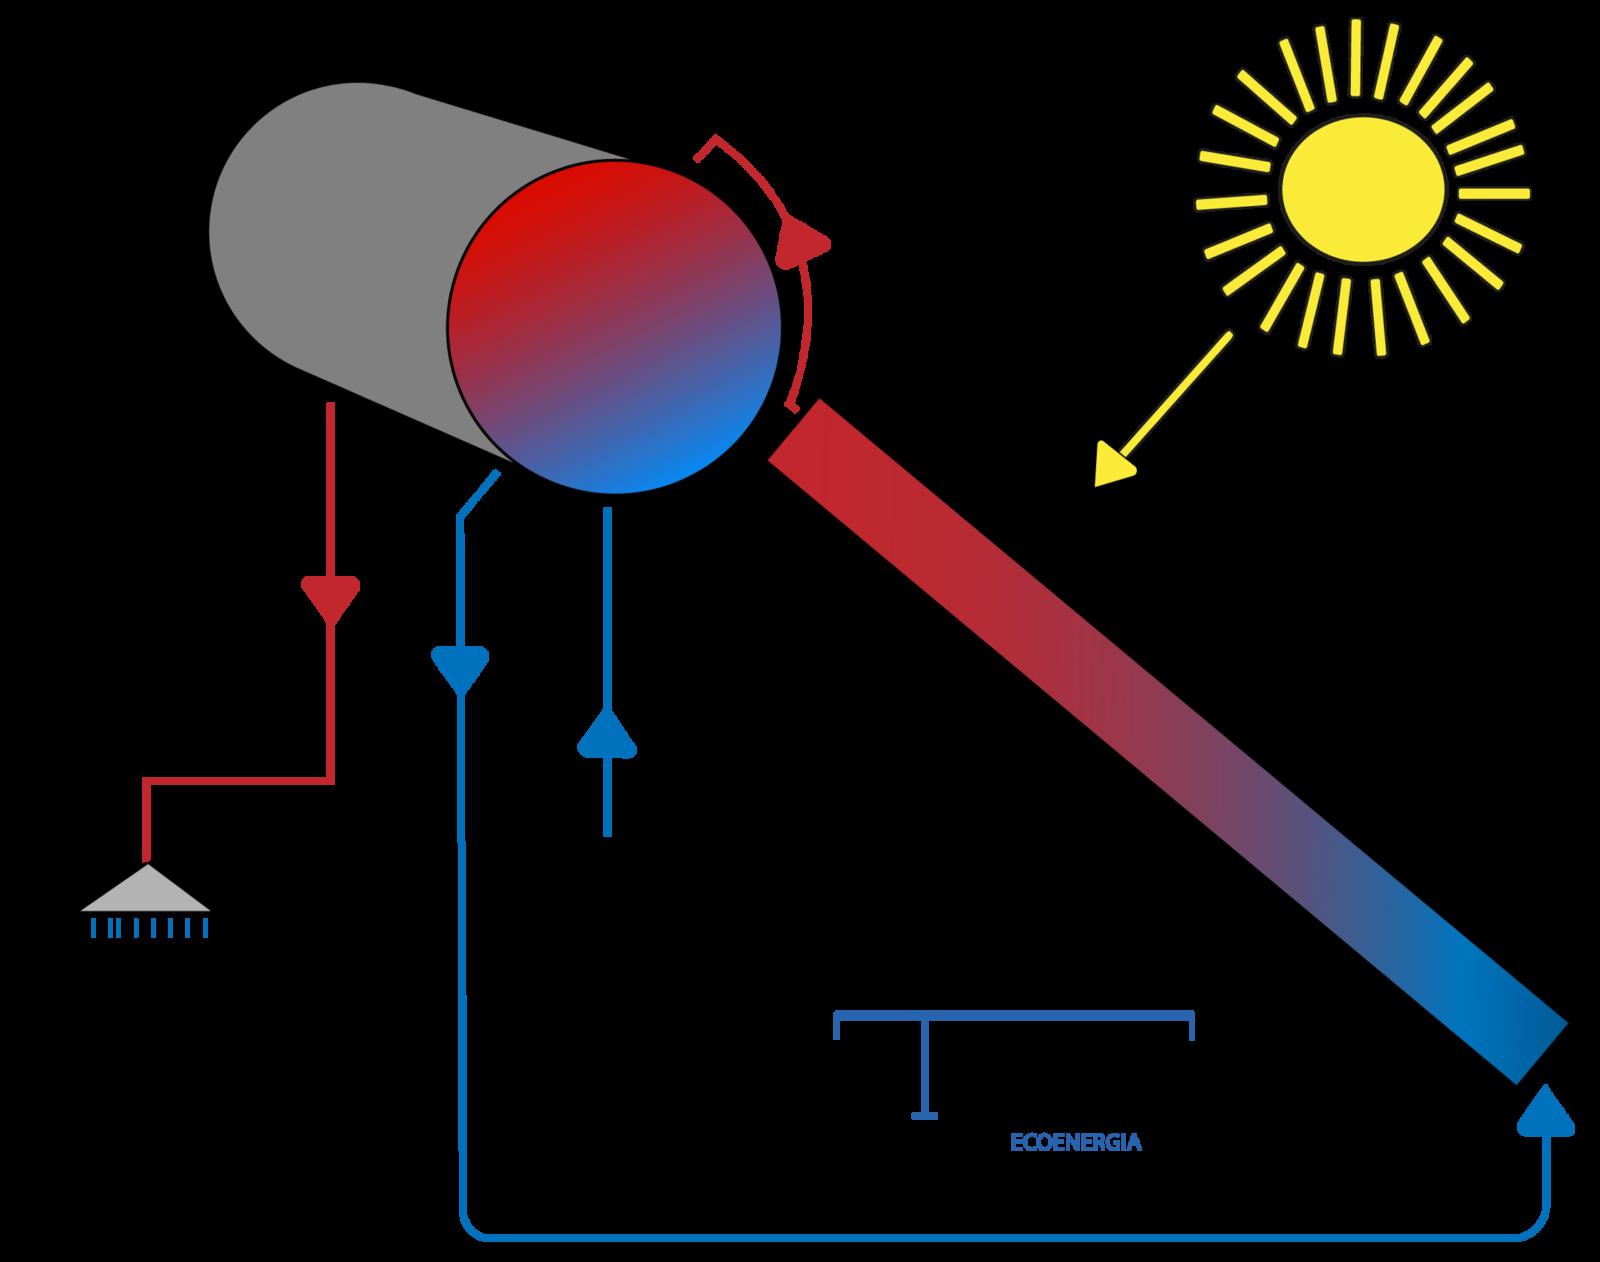 Impianto solare termico technogelox ecoenergia for Pex sistema di riscaldamento ad acqua calda